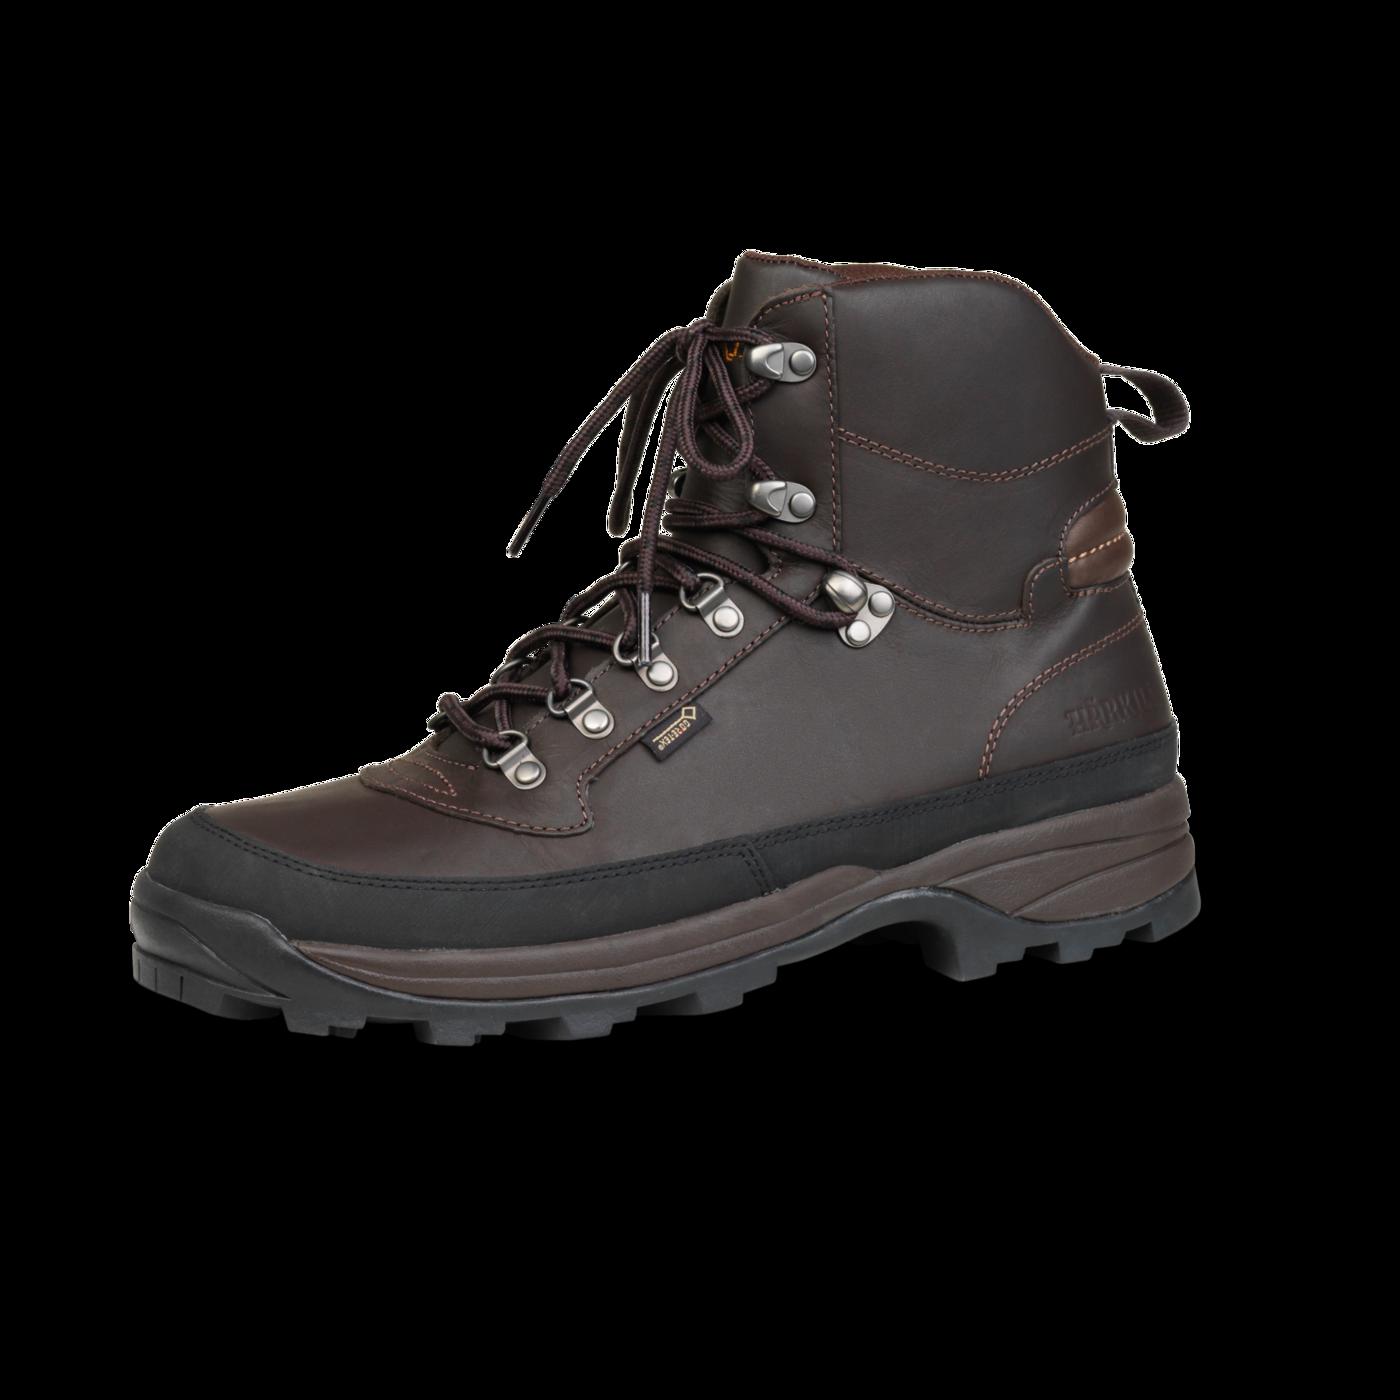 Härkila - Stornoway GORE-TEX jagtstøvler 40